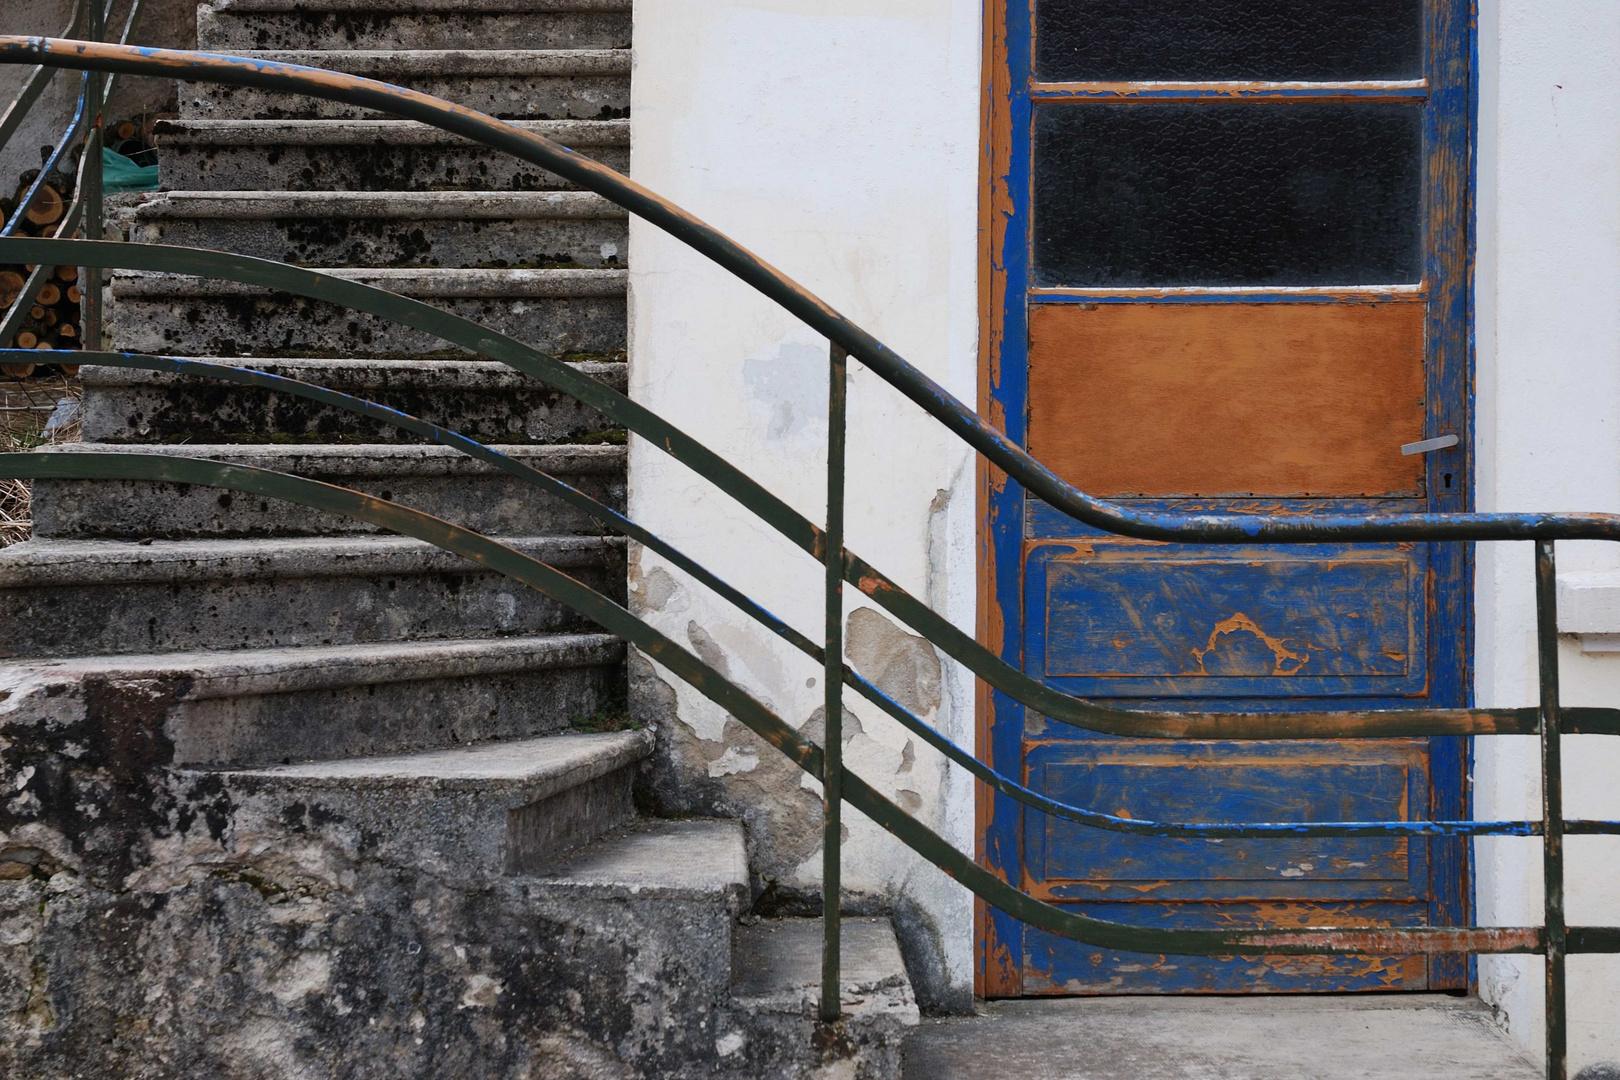 Reppenaufgang und Eingang bei Chouz